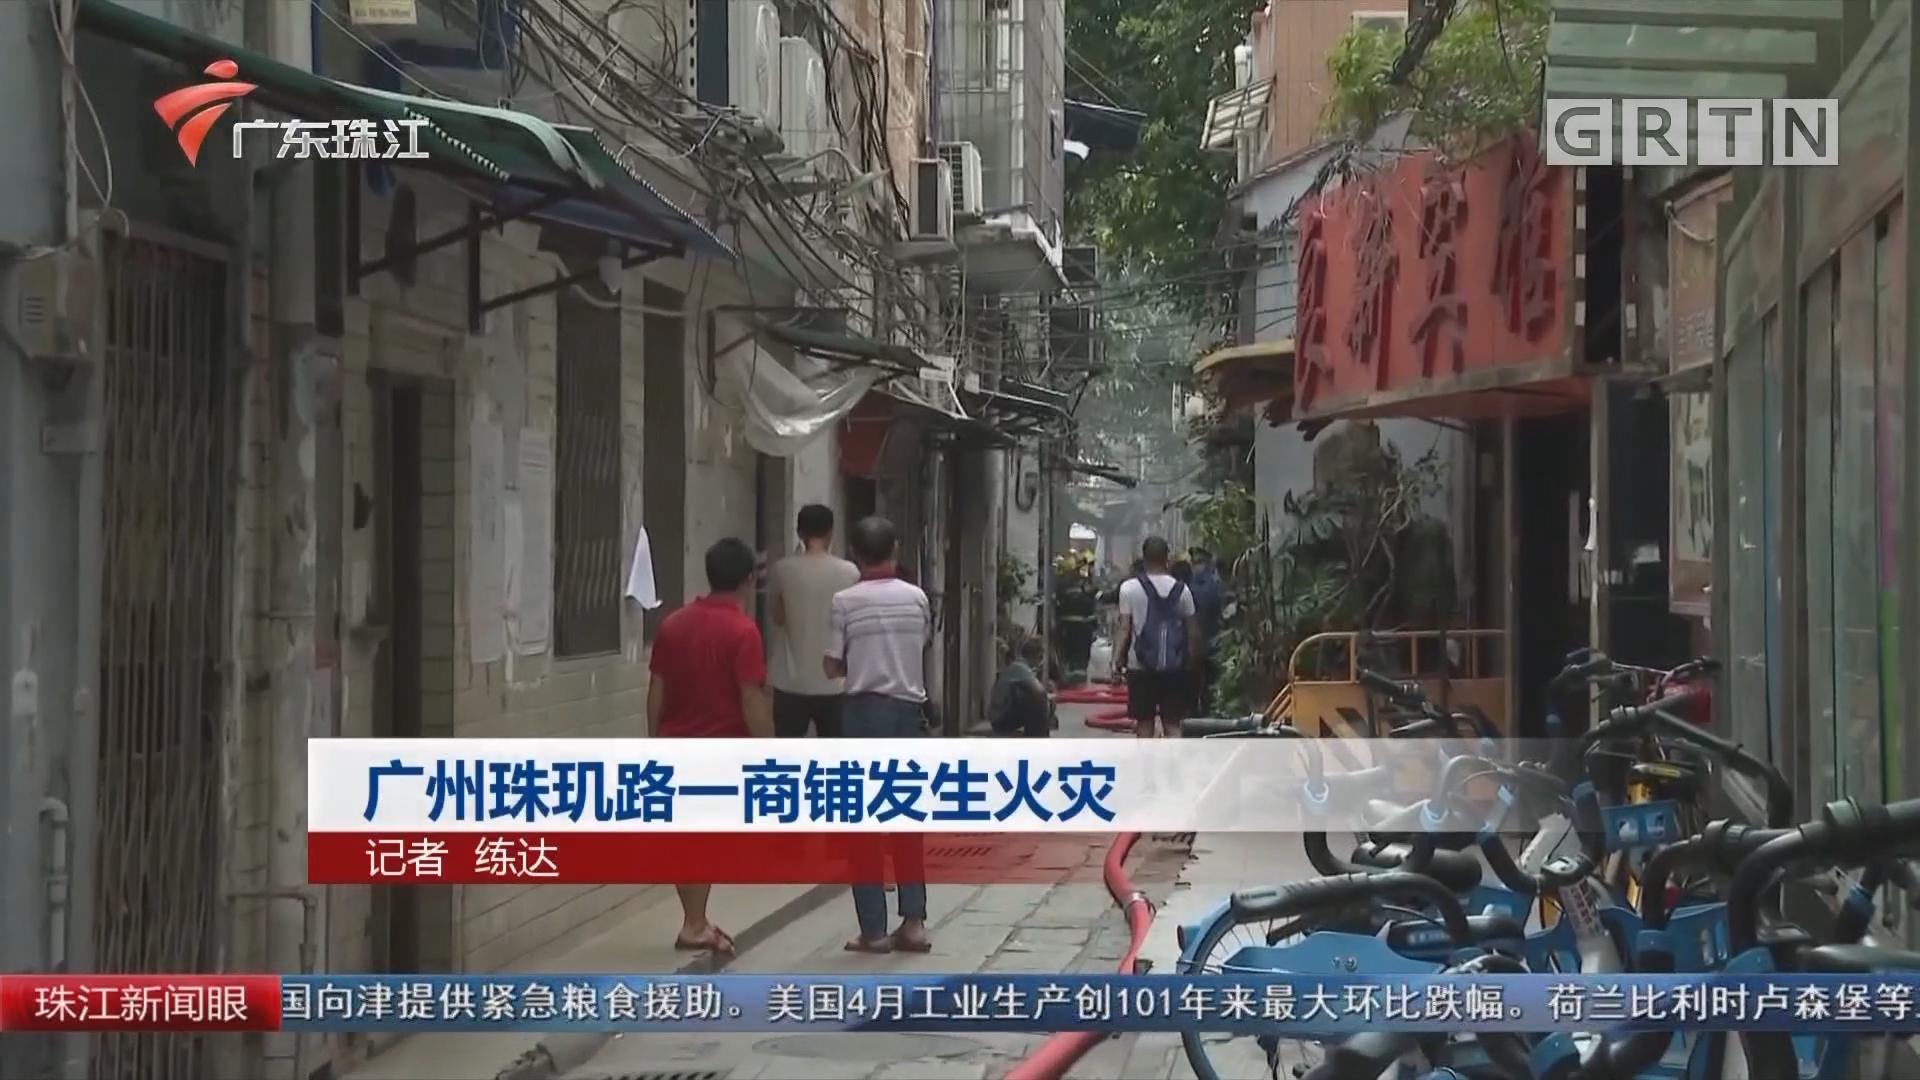 广州珠玑路一商铺发生火灾